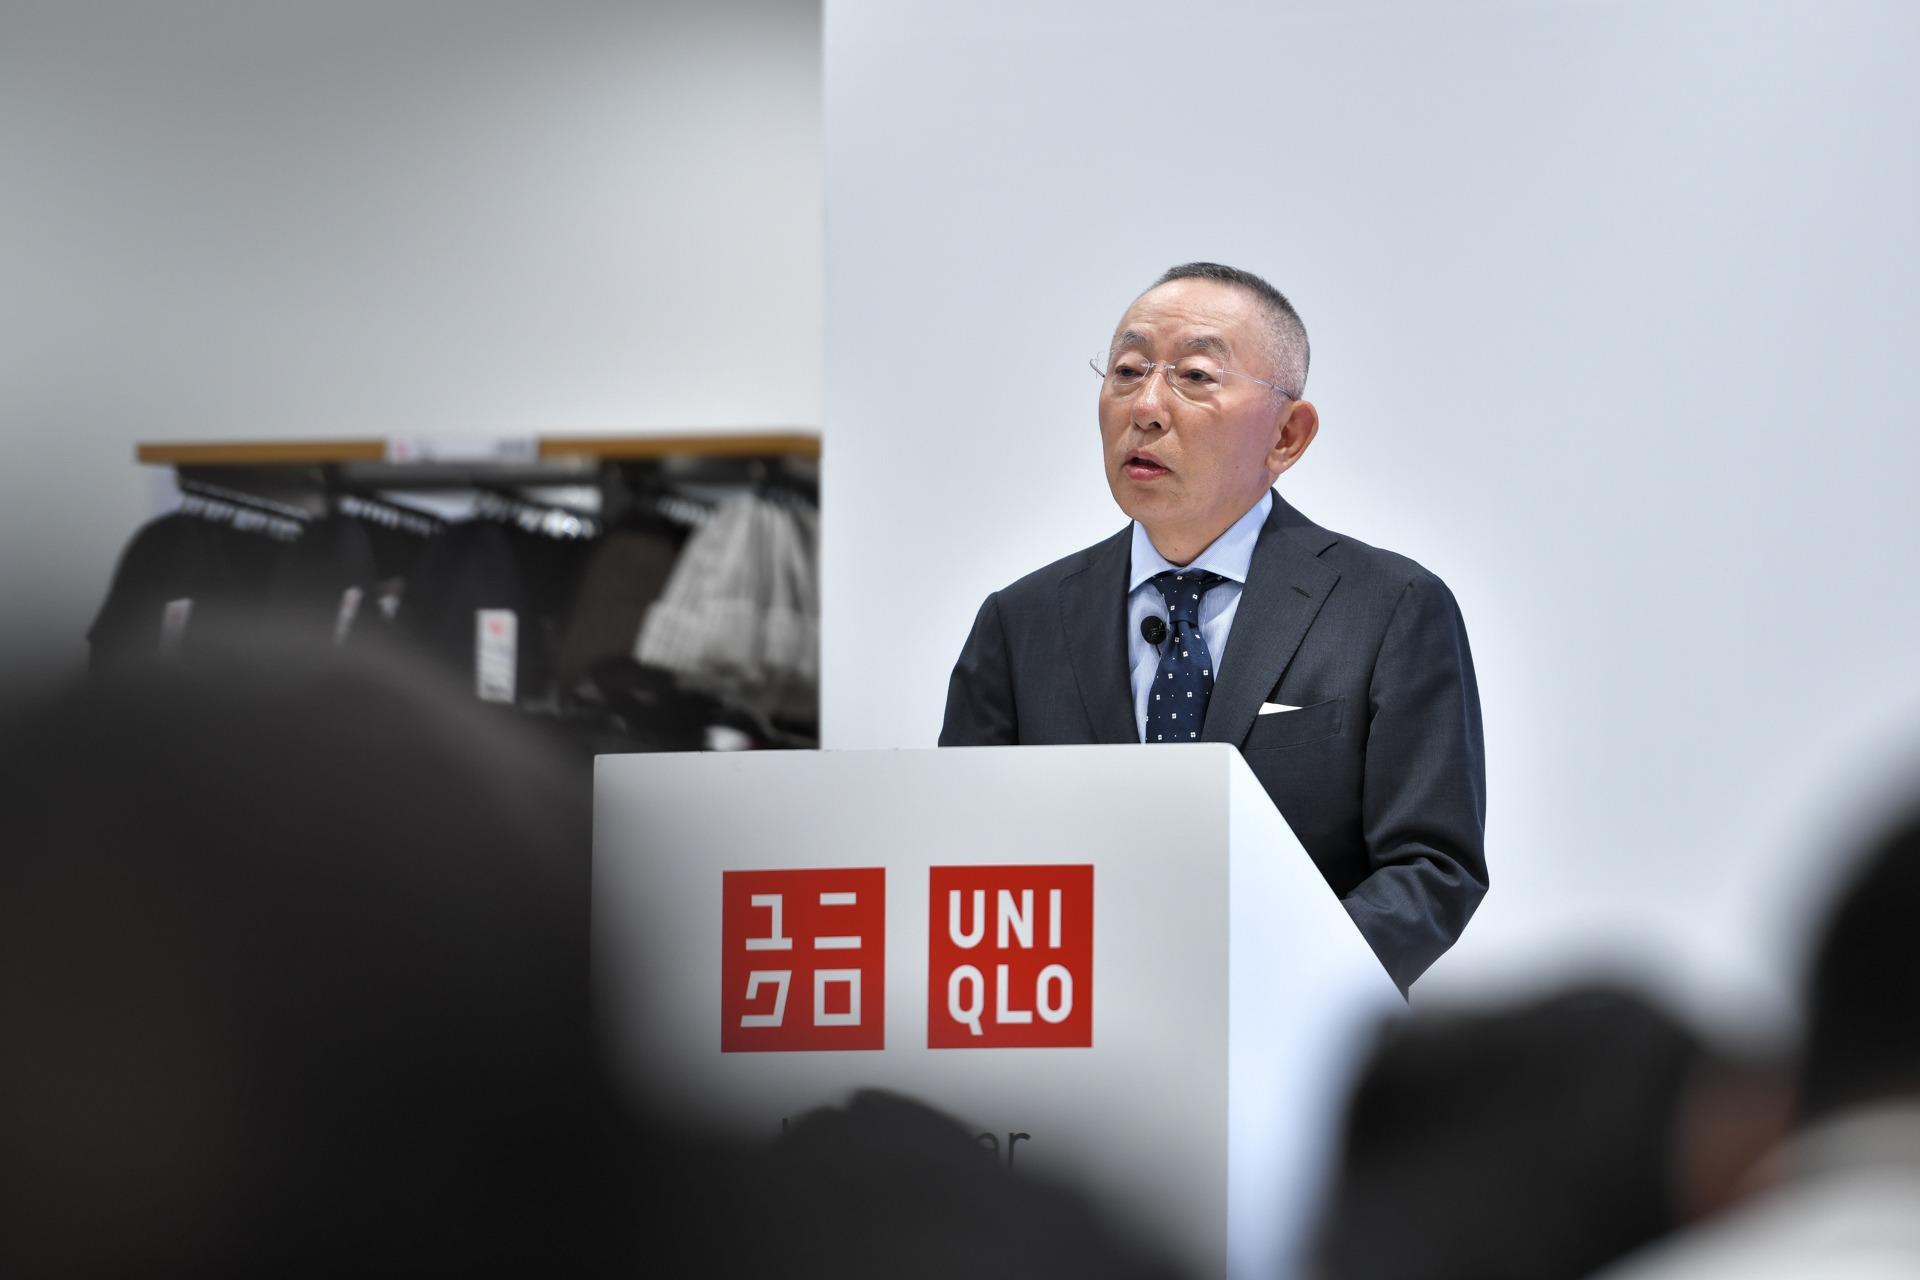 Tài sản của ông chủ Uniqlo tăng gấp đôi lên hơn 41 tỷ USD - Ảnh 1.